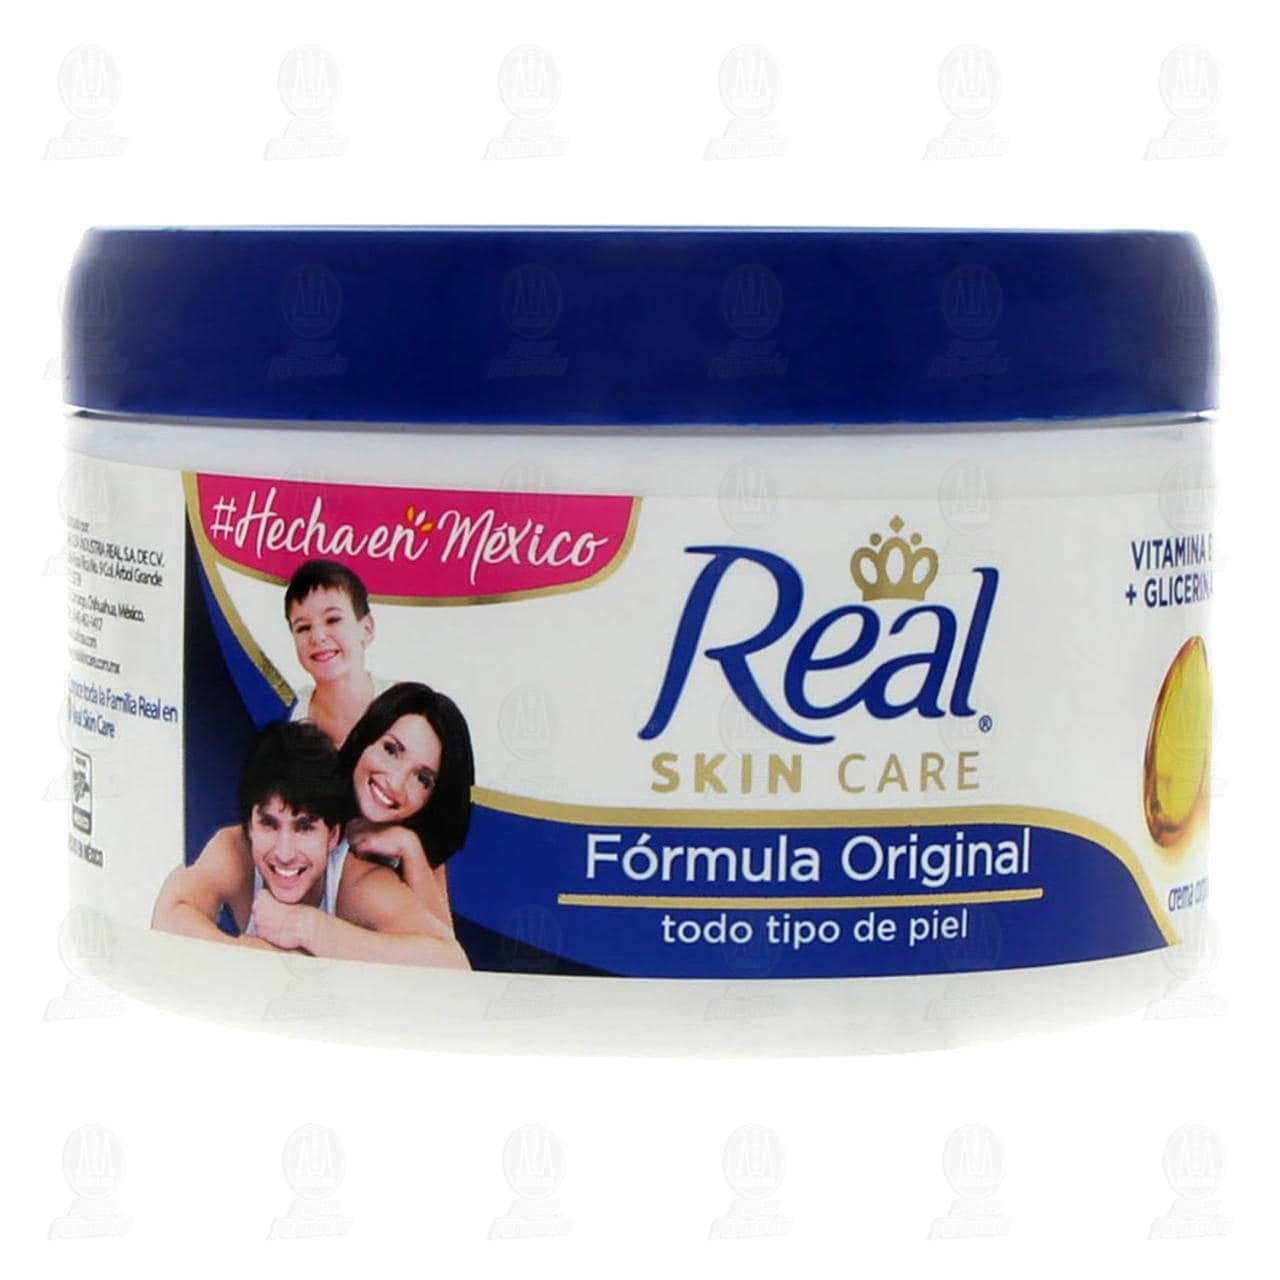 Comprar Crema Corporal Real Skin Care Fórmula Original para Todo Tipo de Piel, 220 gr. en Farmacias Guadalajara